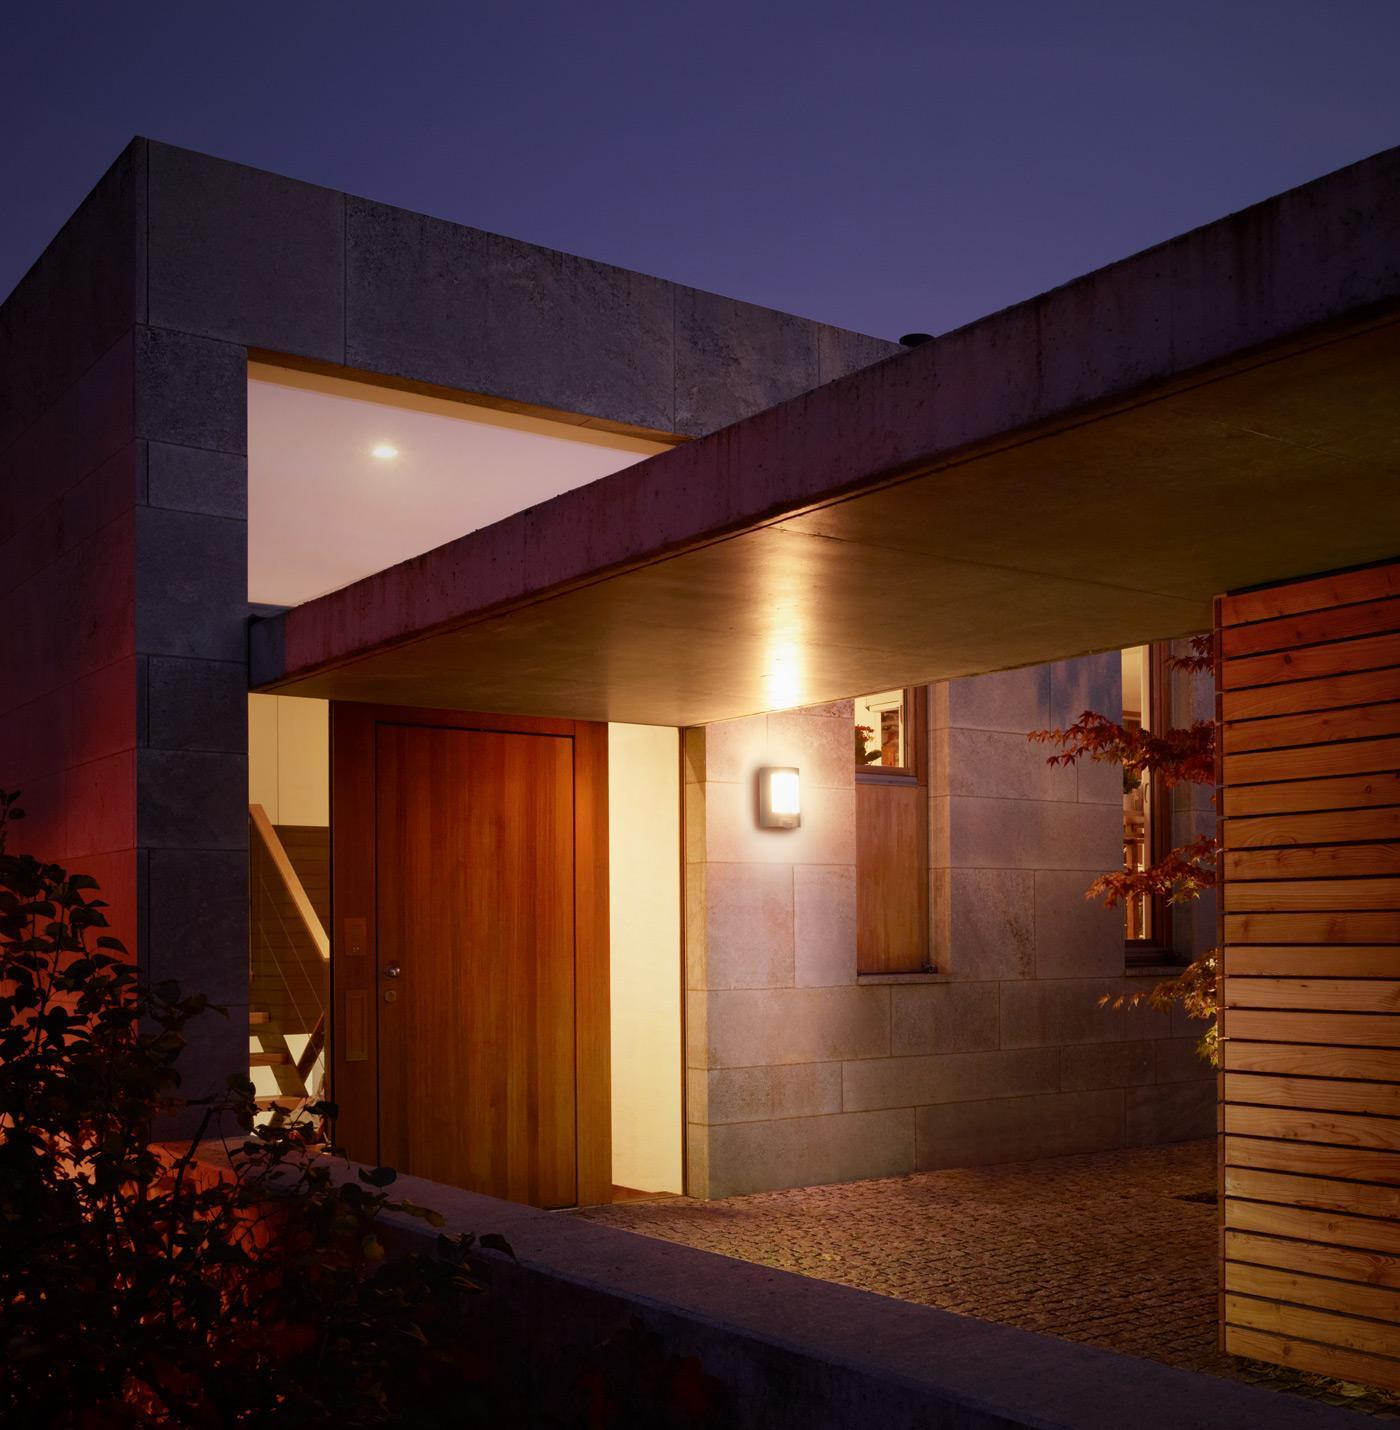 Wandlampe Fassade Haus Außenwandleuchten Set mit Bewegungsmelder und E27 LEDs